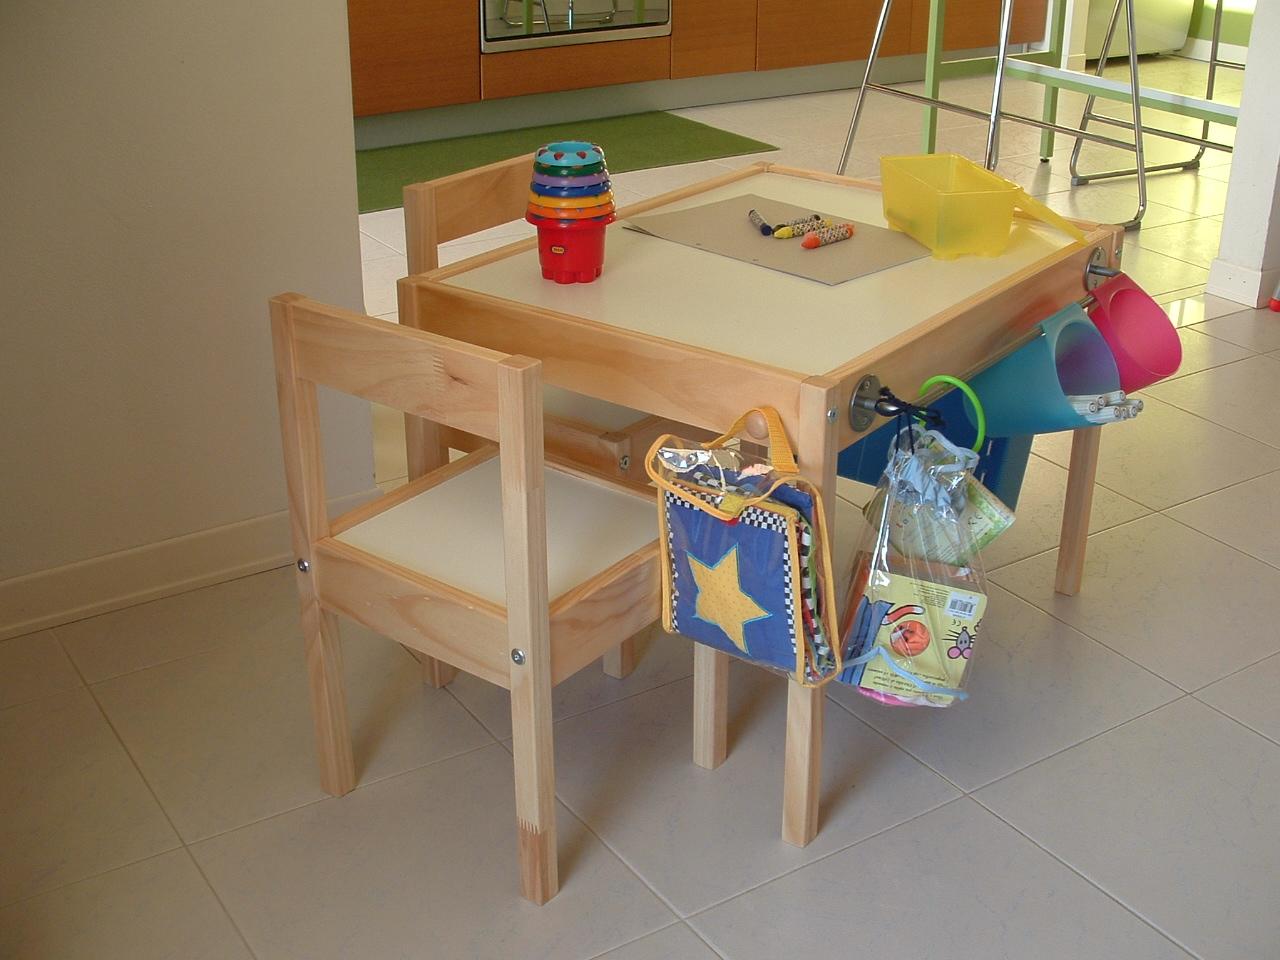 Ricicla e crea tavolino ikea per flavia - Tavolini per tv ikea ...